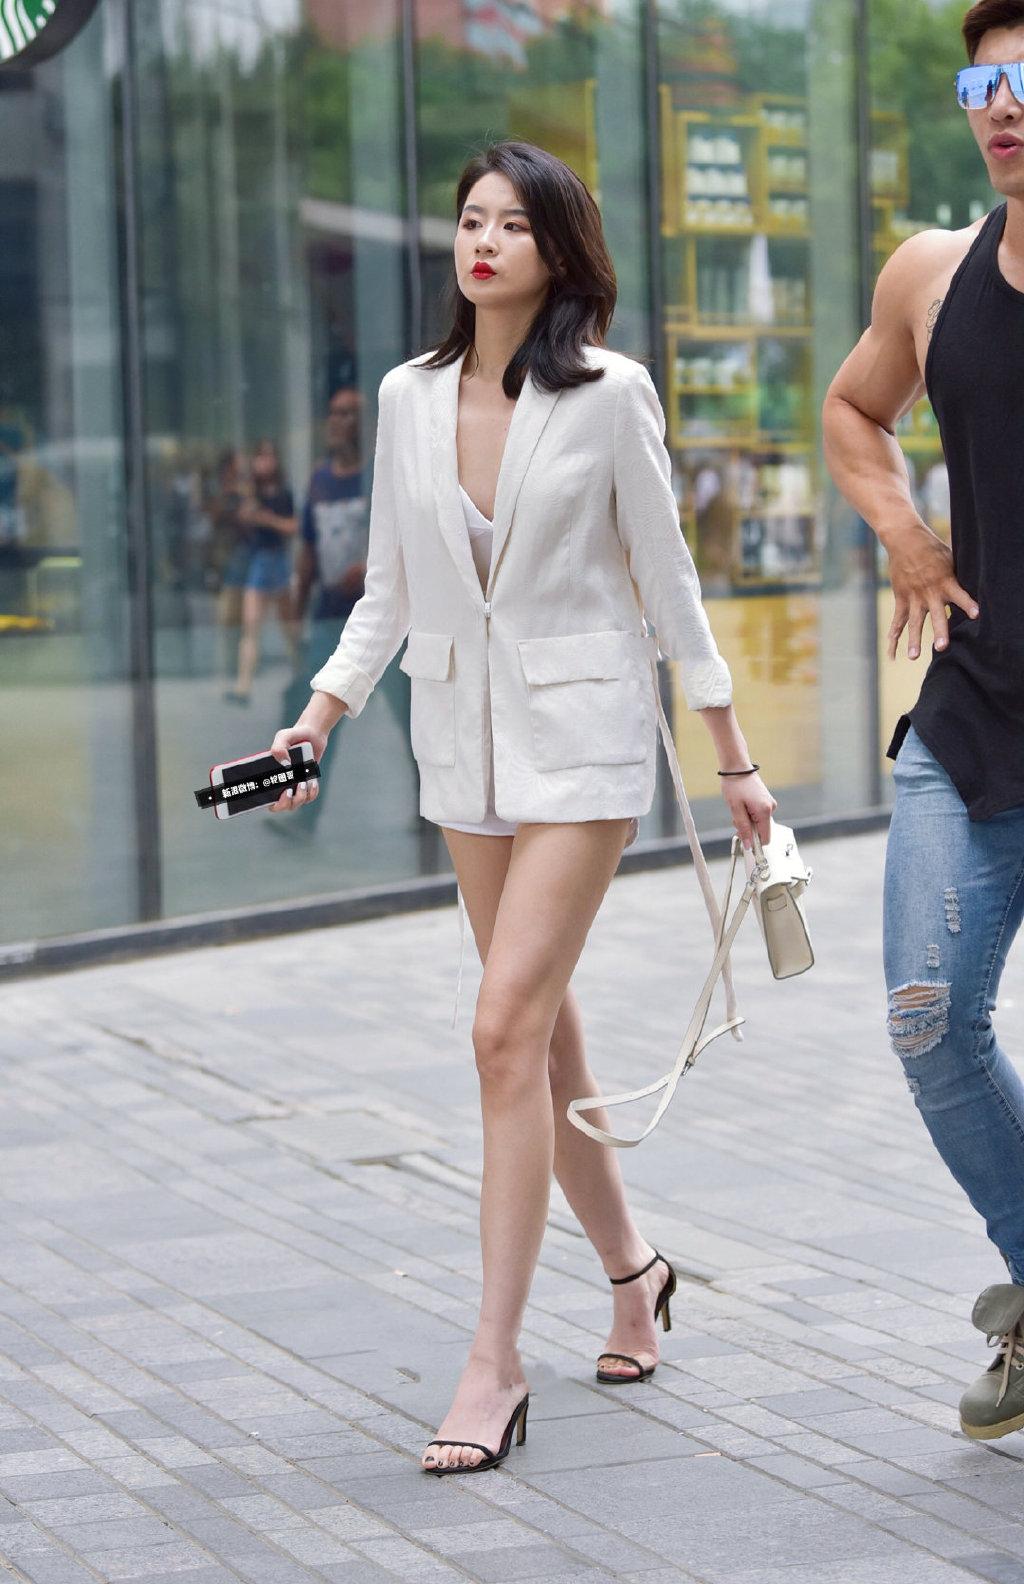 西装外套也能如此性感。   涨姿势 第4张